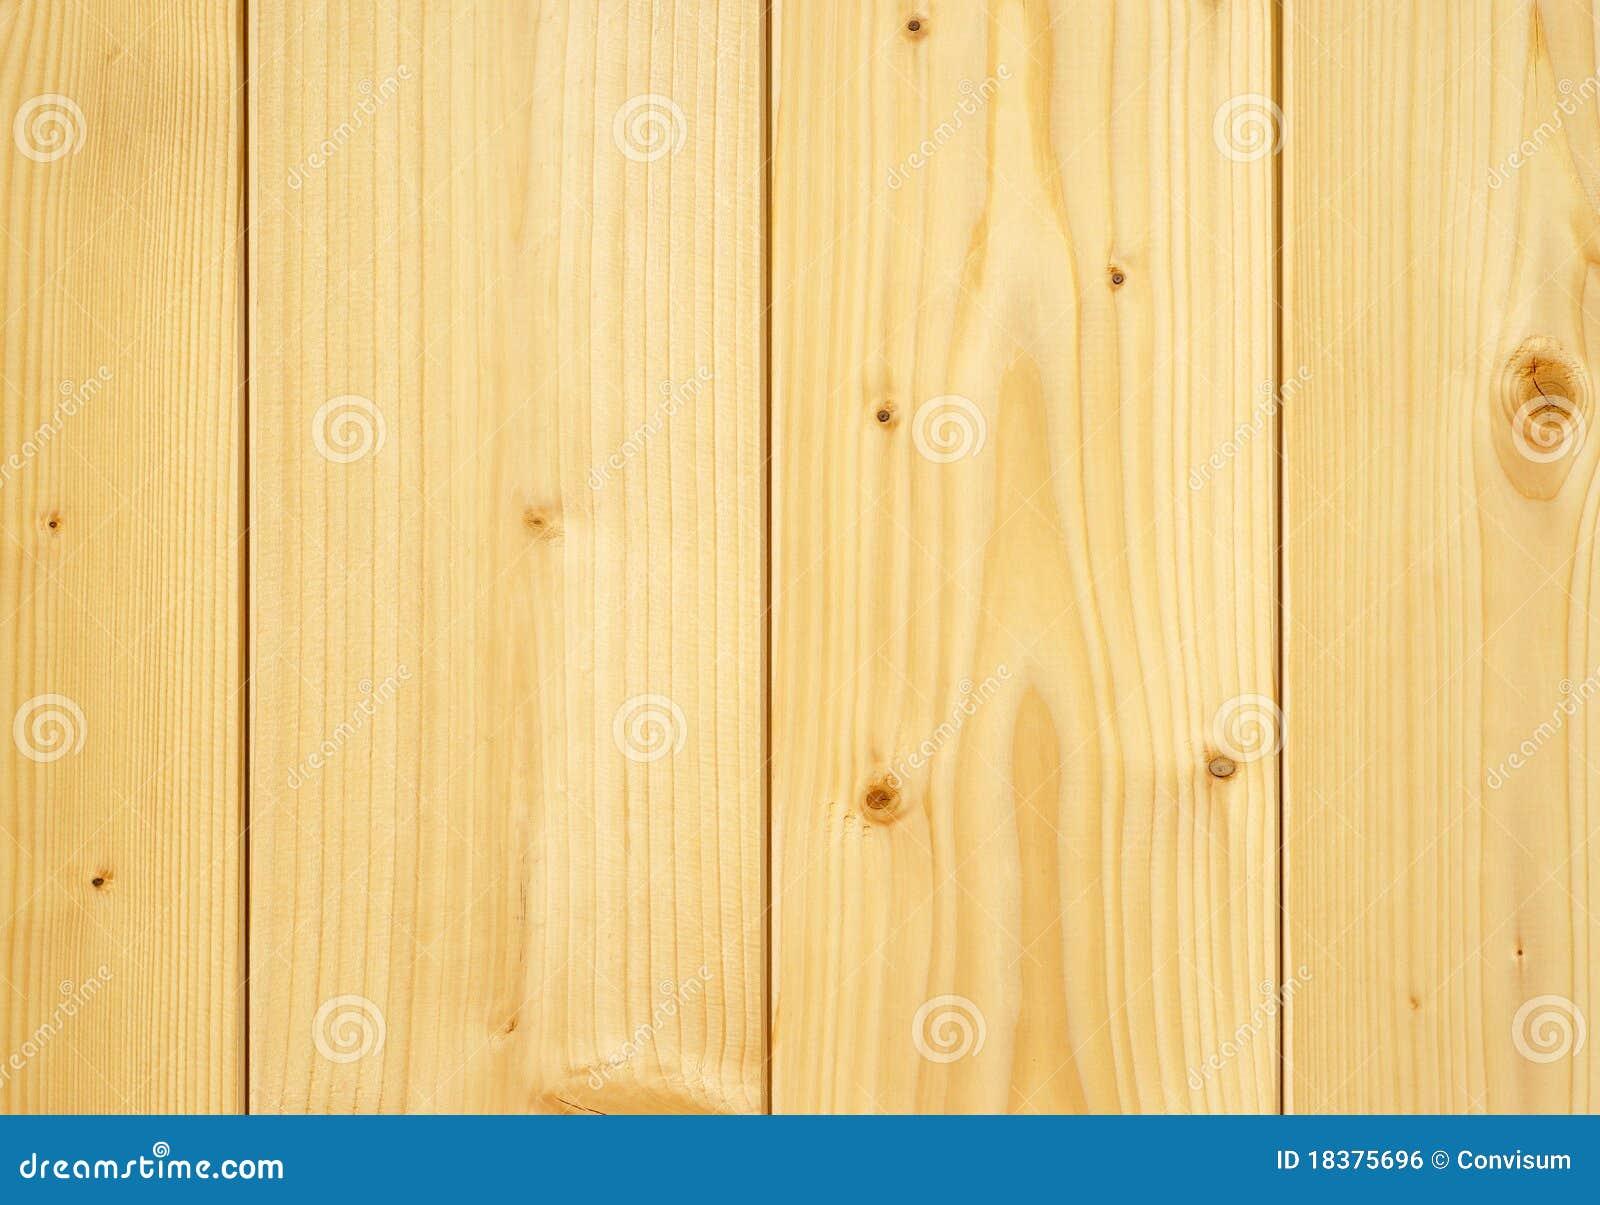 Knotholes доски деревянные